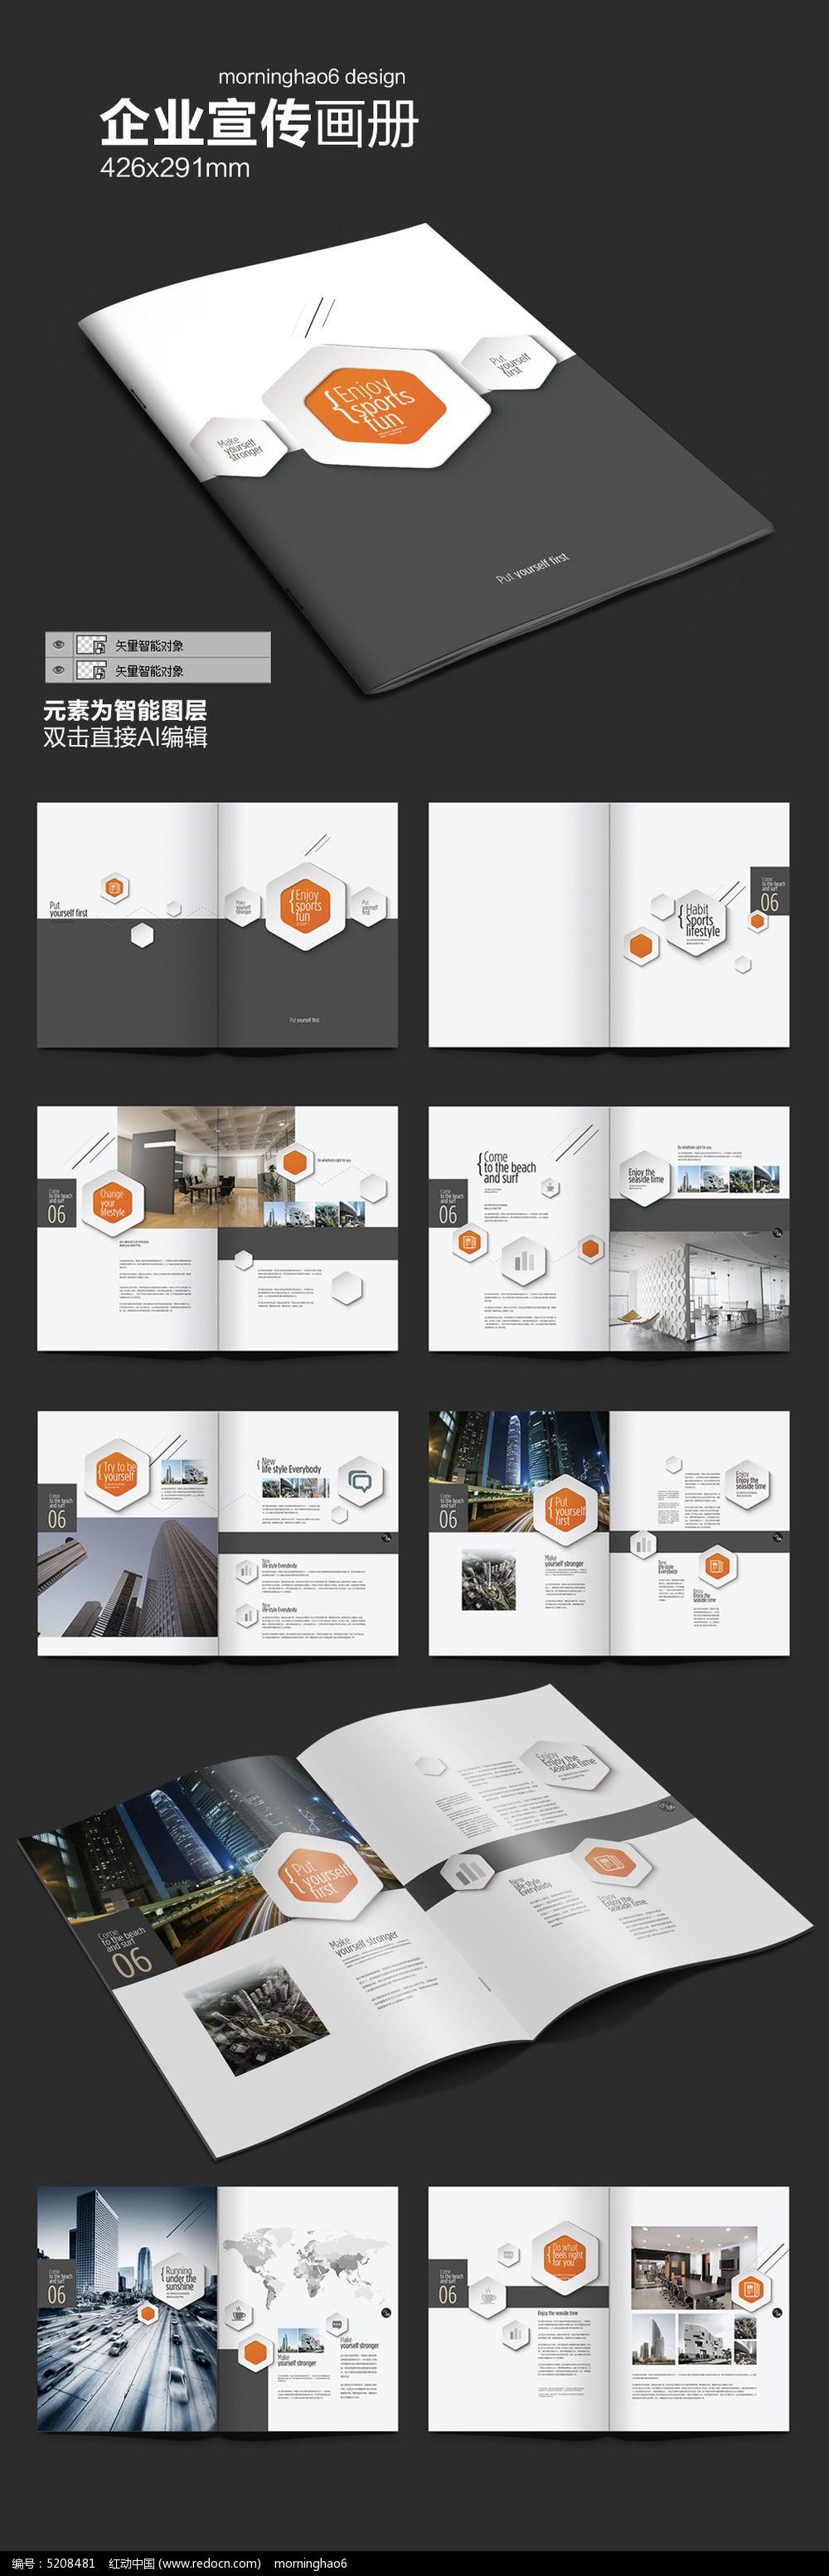 国外时尚元素企业画册版式设计